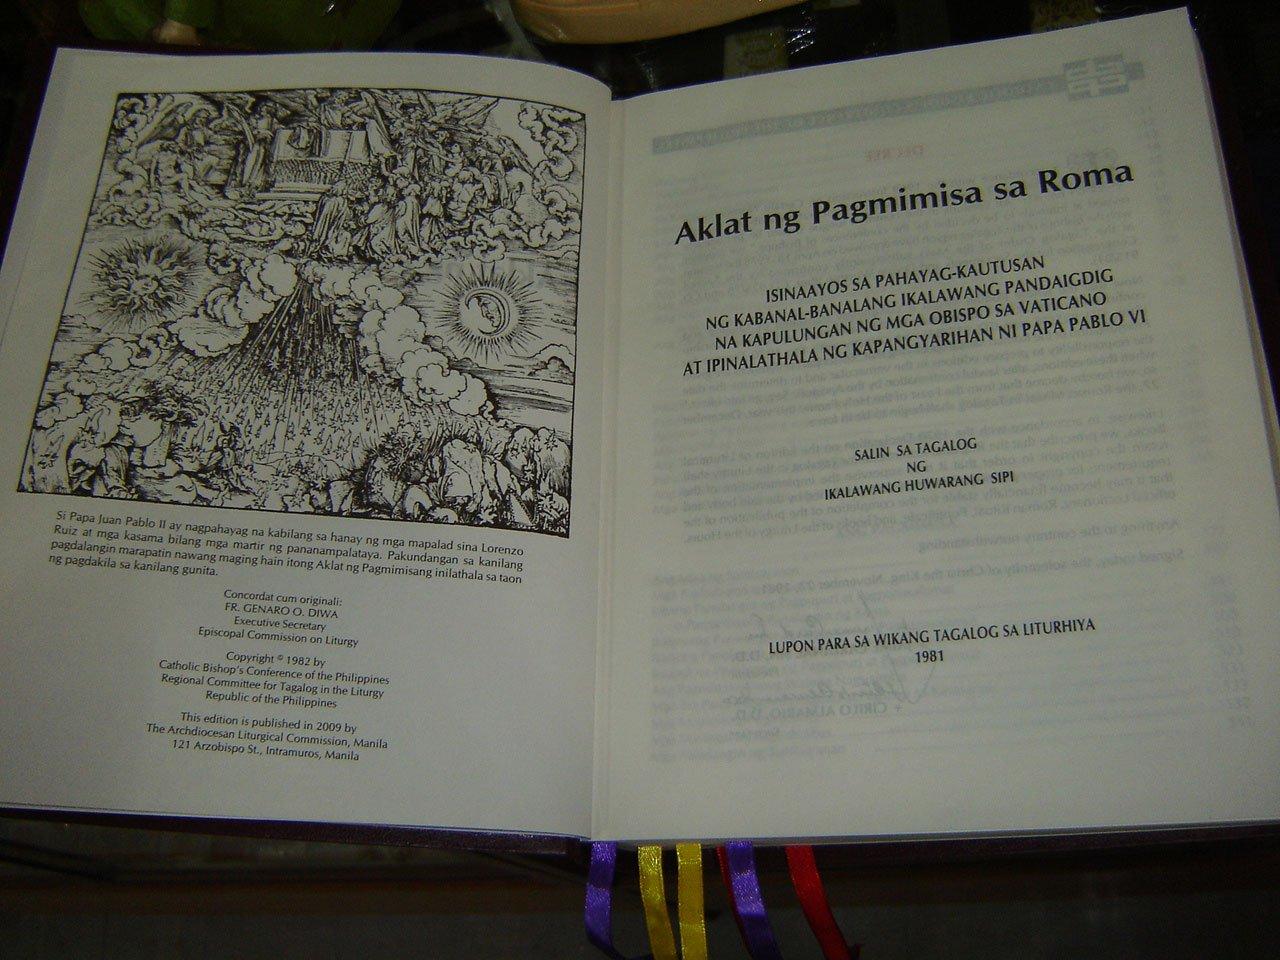 AKLAT NG PAGMIMISA SA ROMA PDF DOWNLOAD